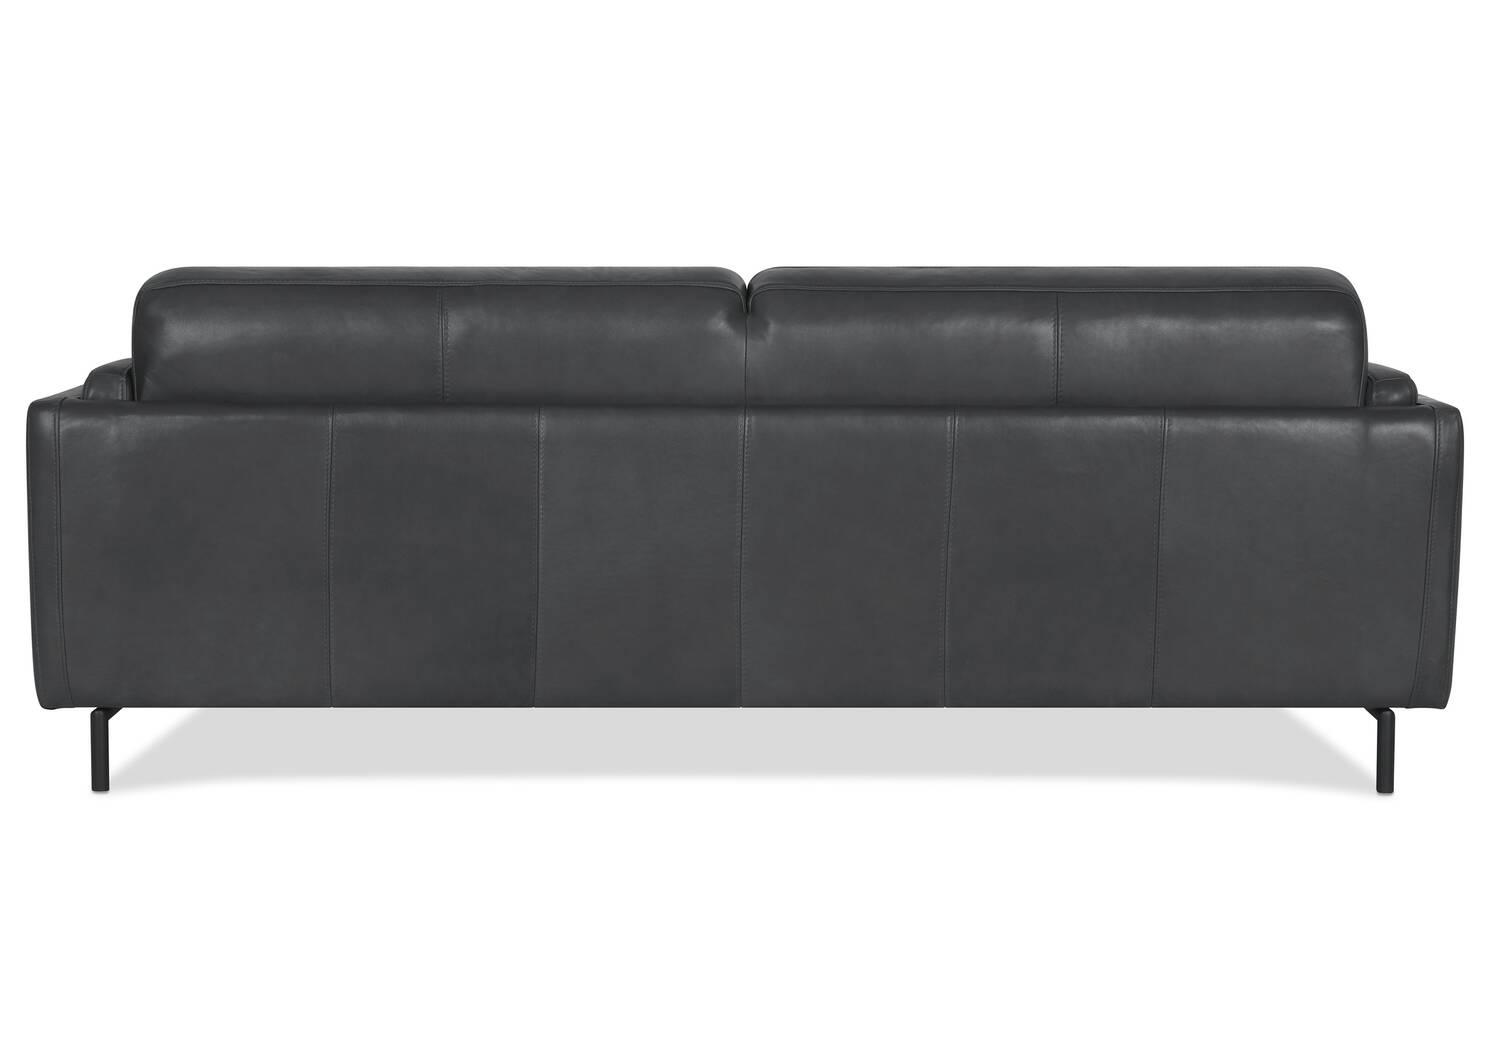 Canapé en cuir Renfrew 80 po -Alder gris